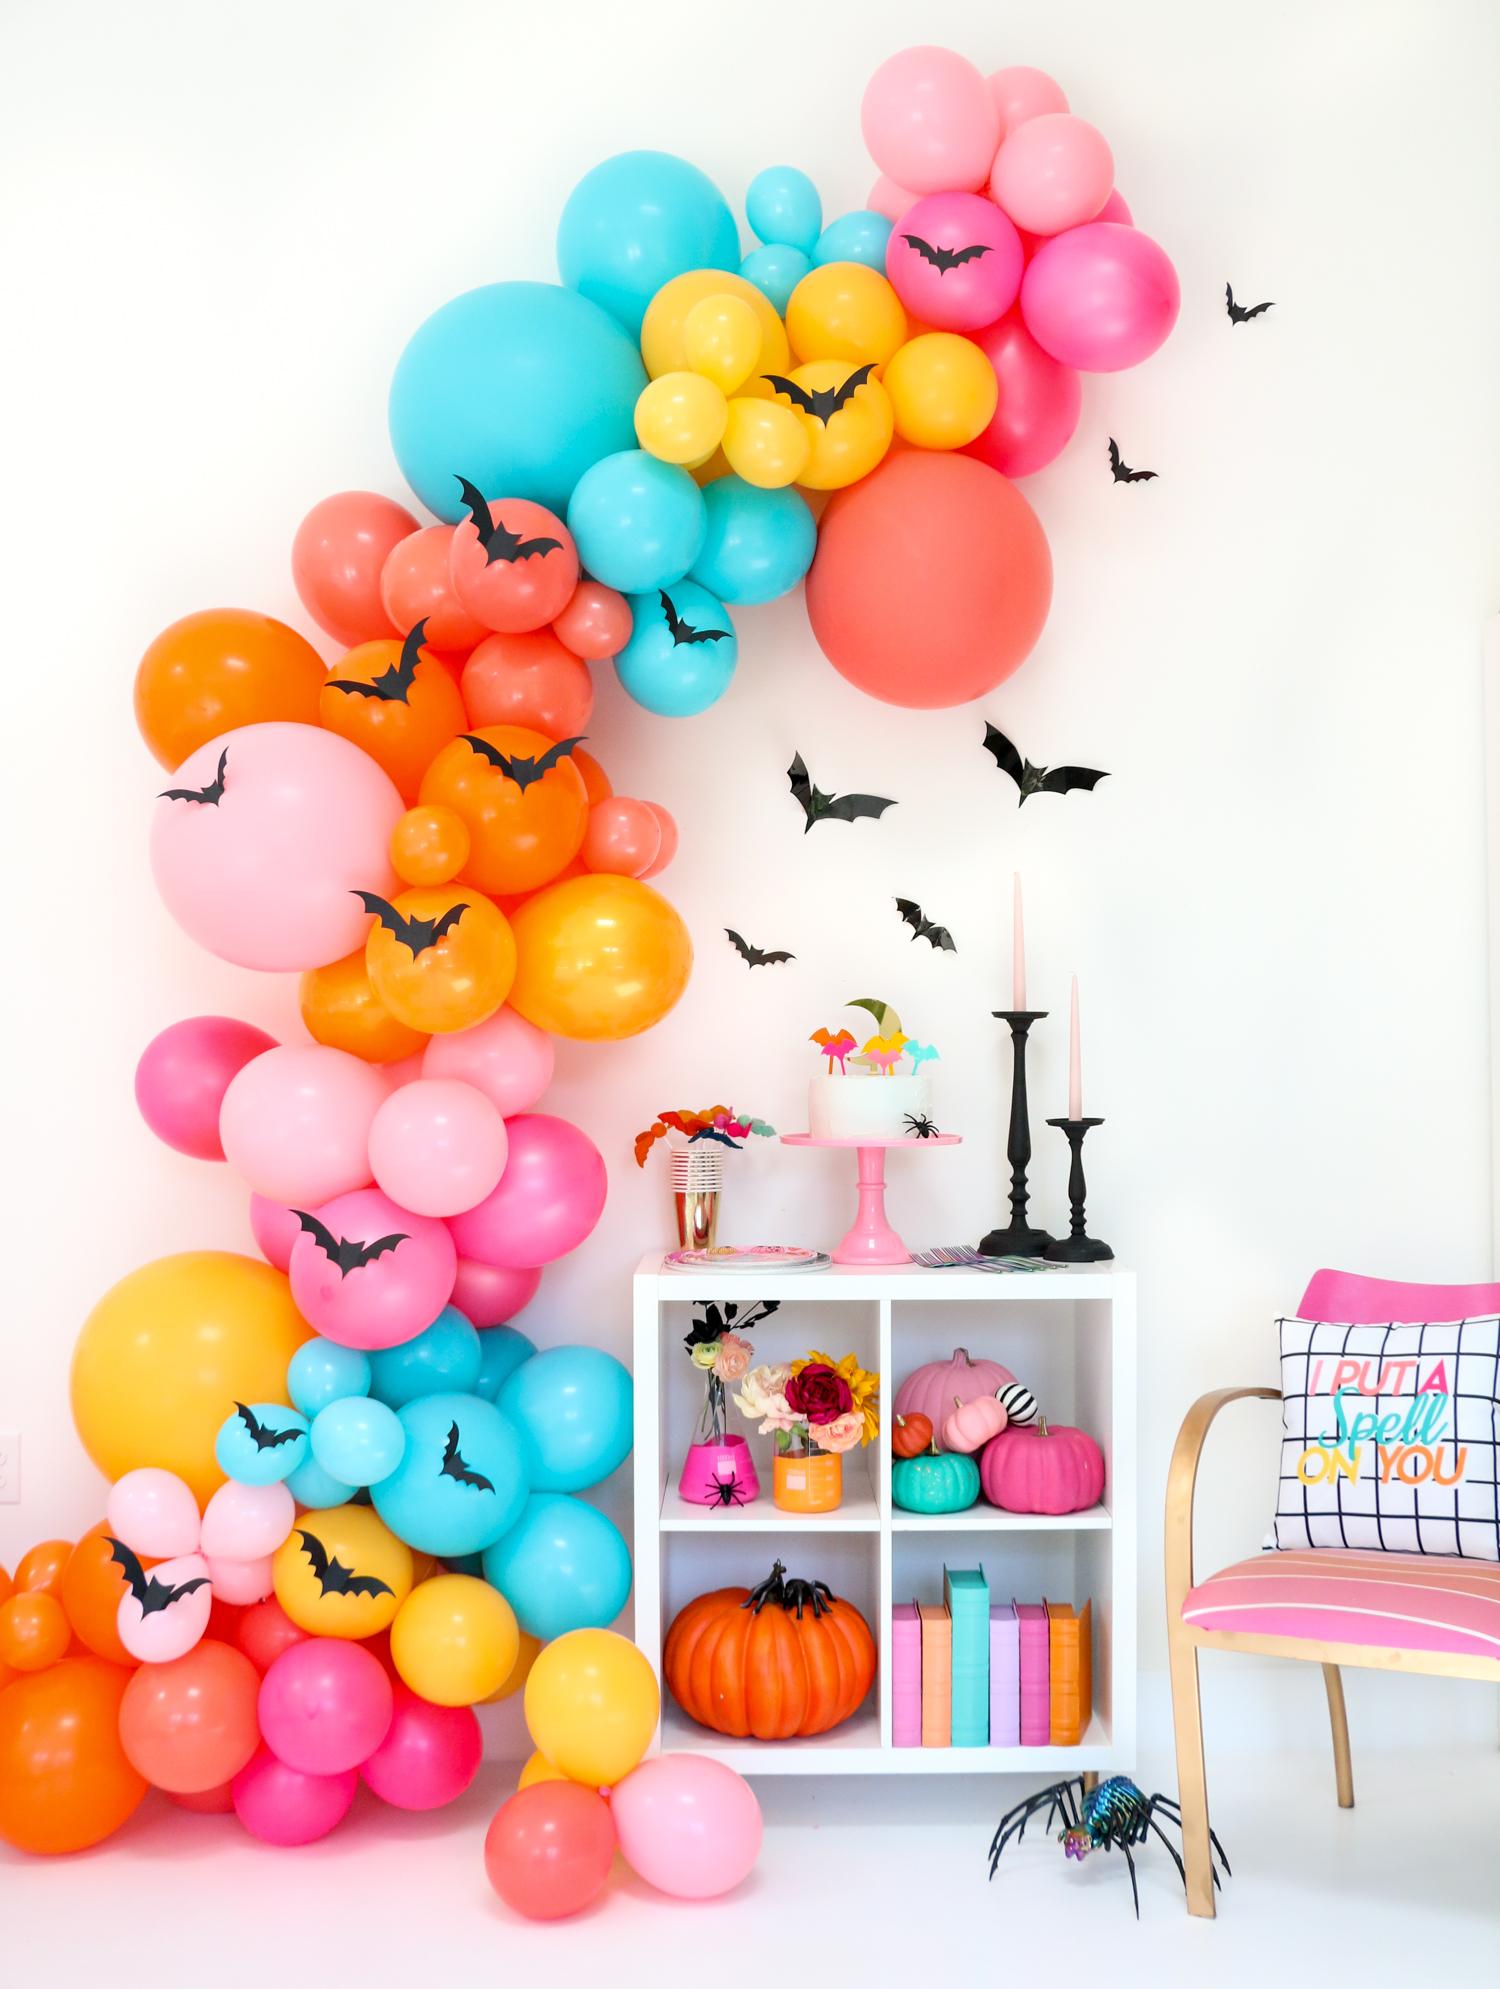 super originales ideas de decoracion de halloween casera, globos en diferentes colores, calabazas decoradas mini murciélagos de papel